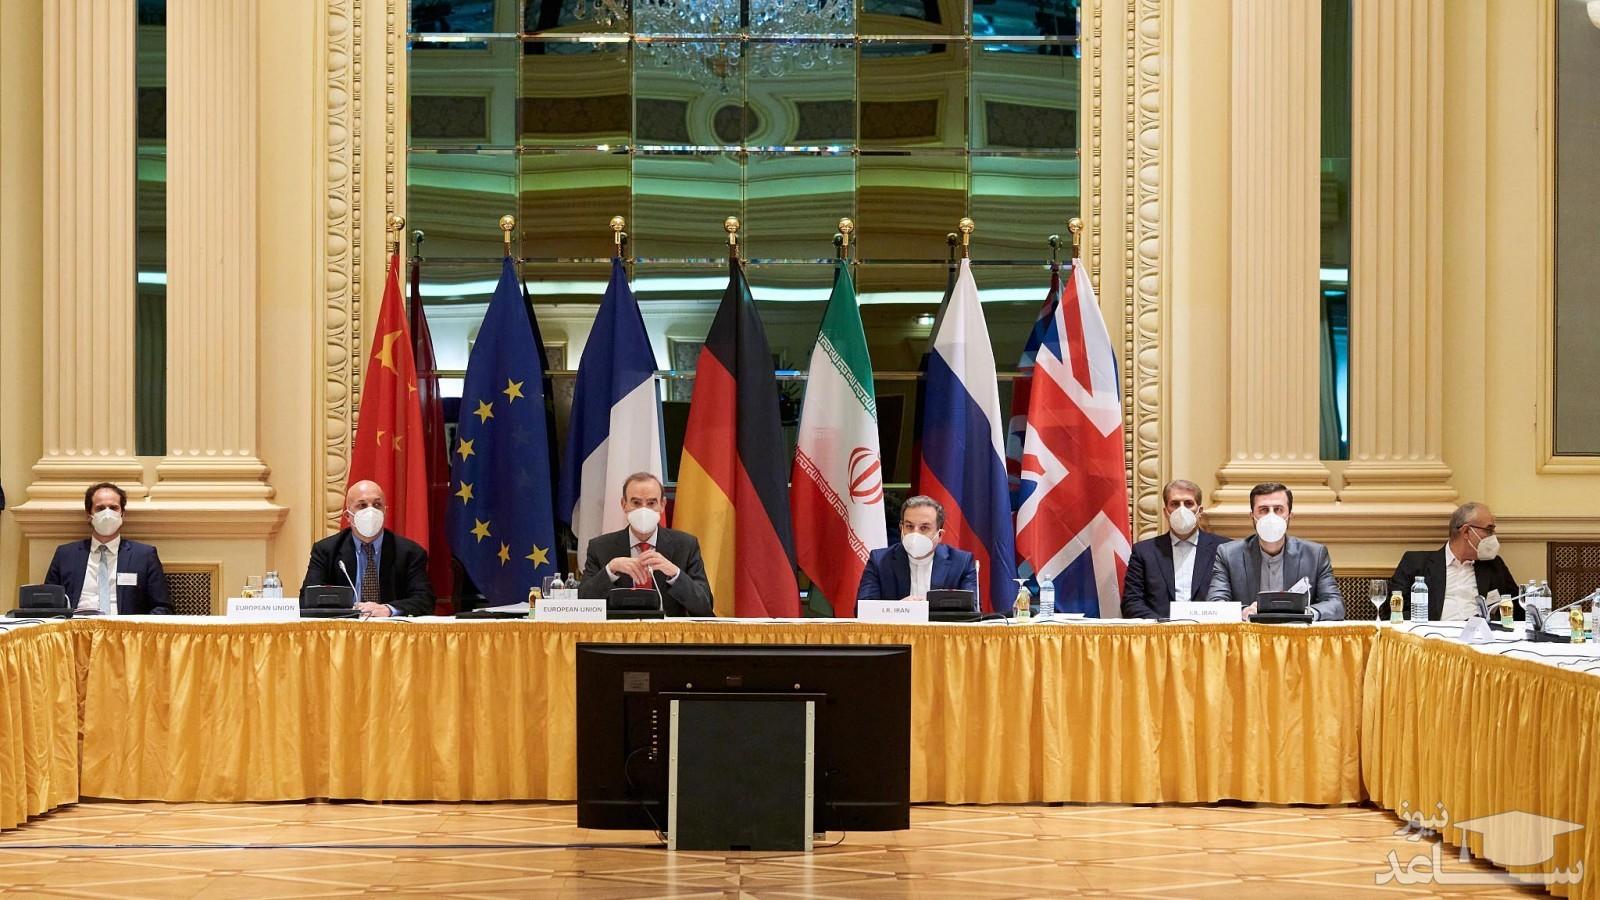 نشست کمیسیون مشترک برجام با حضور ایران و ۱+۴ بعدازظهر امروز در وین